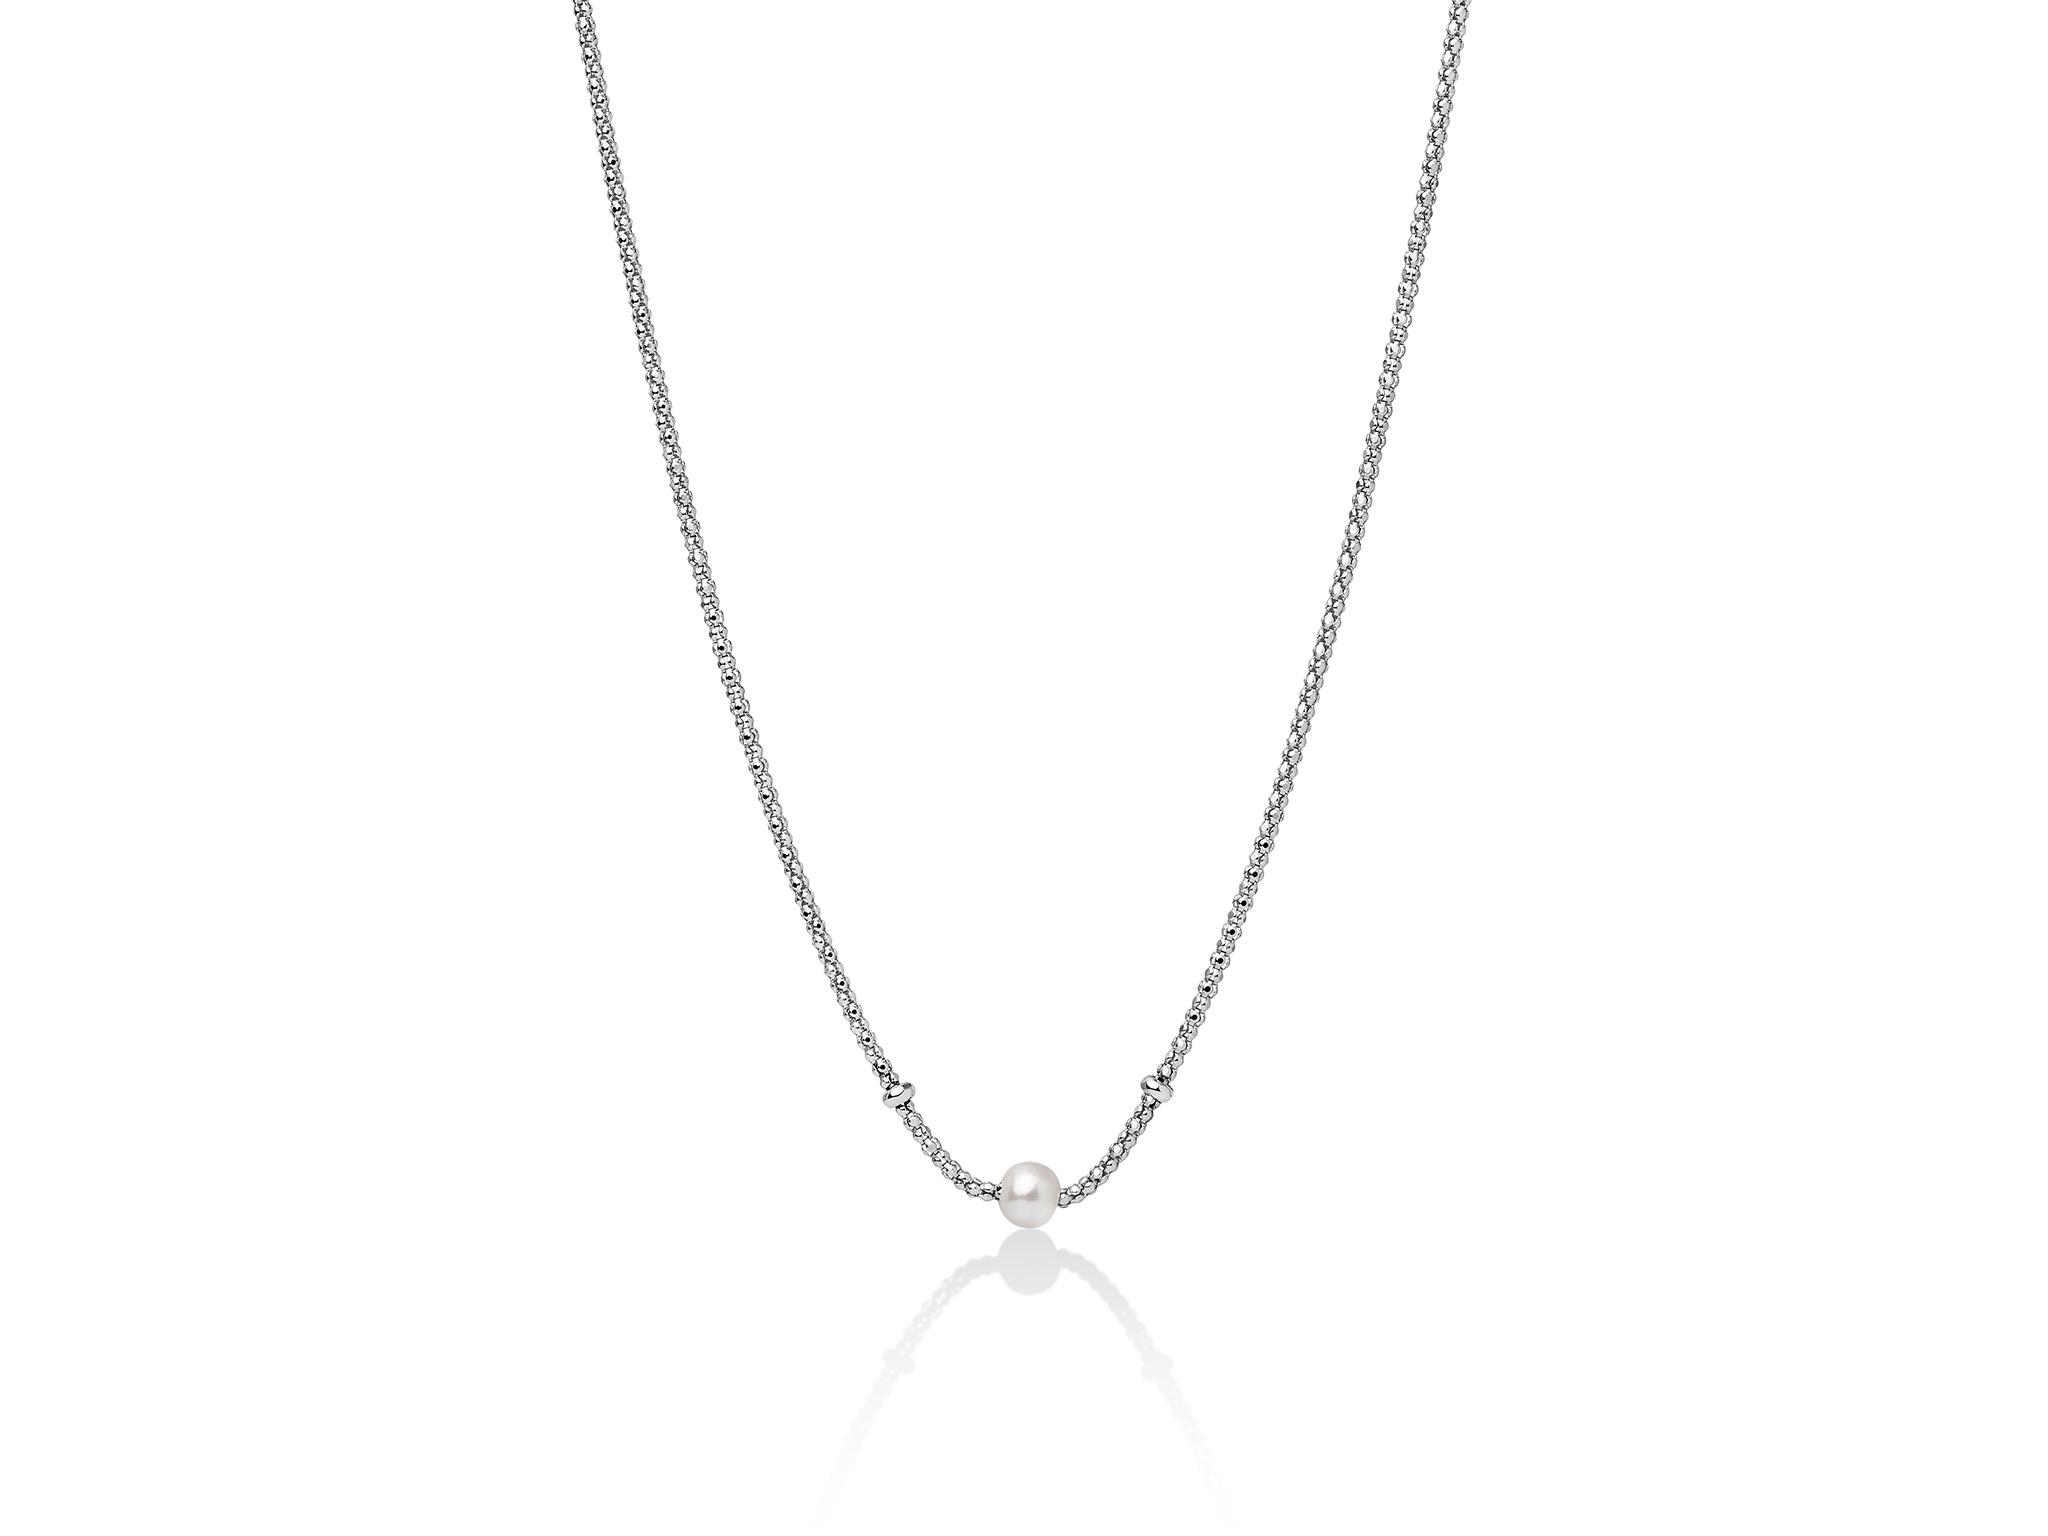 Collana con maglia coreana, in argento e perla centrale. - PCL5832